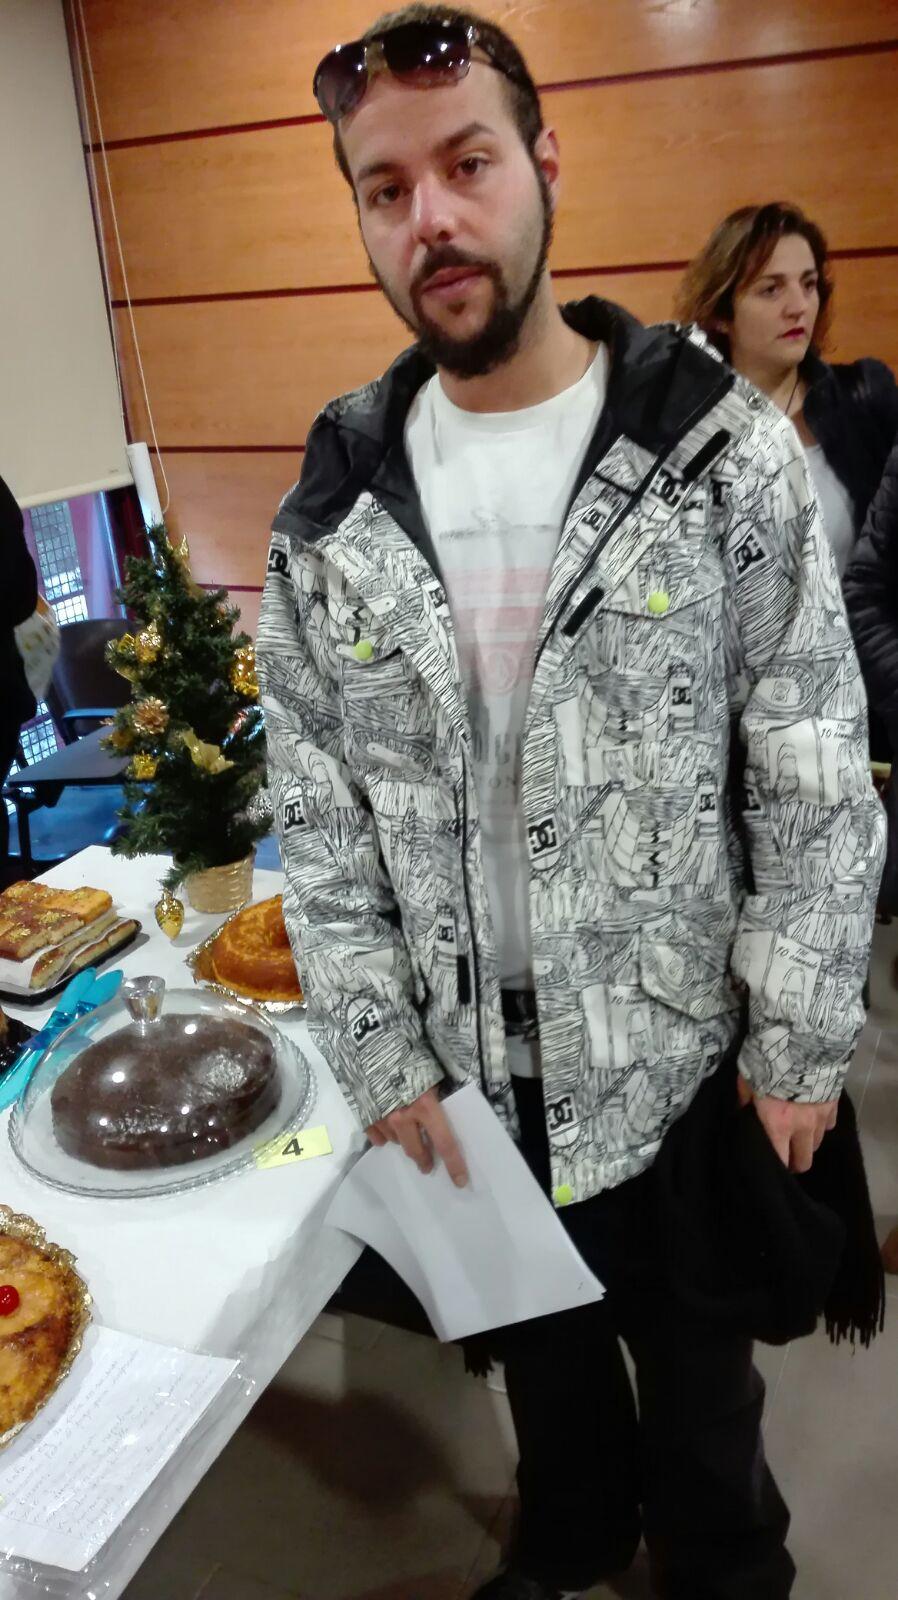 concurso de dulces turno de mañana 2016 18